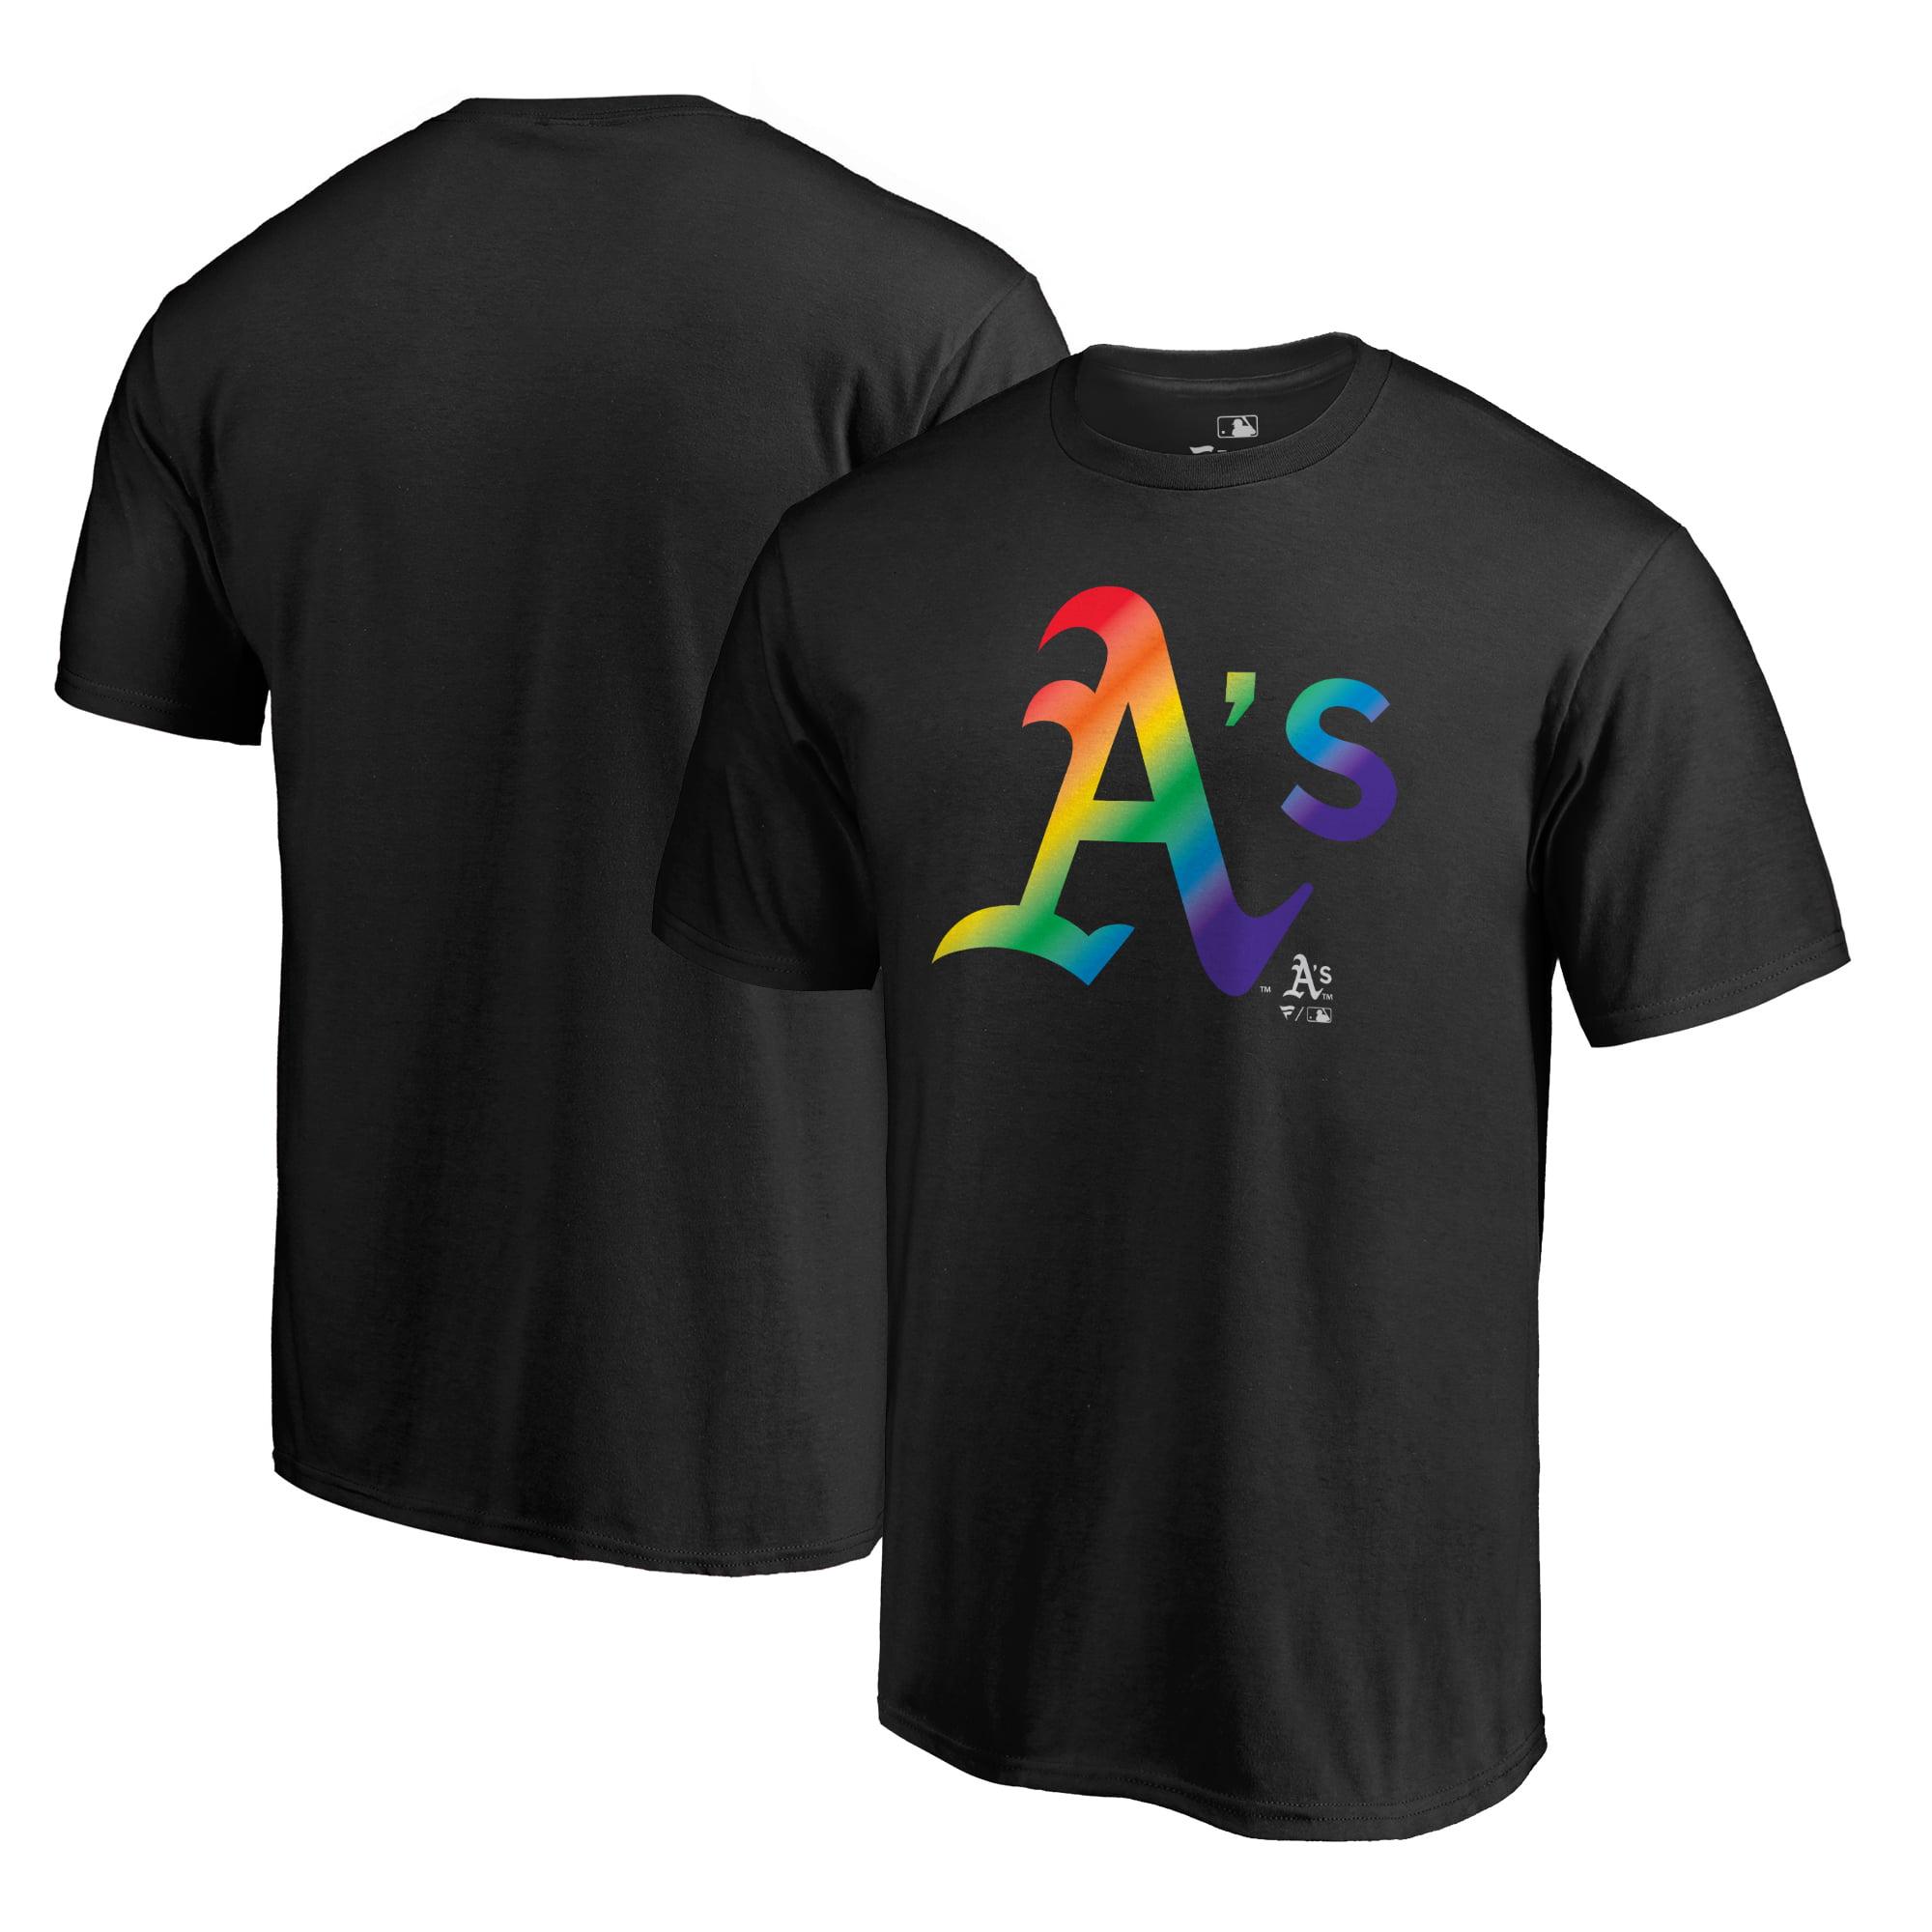 Oakland Athletics Fanatics Branded Pride T-Shirt - Black